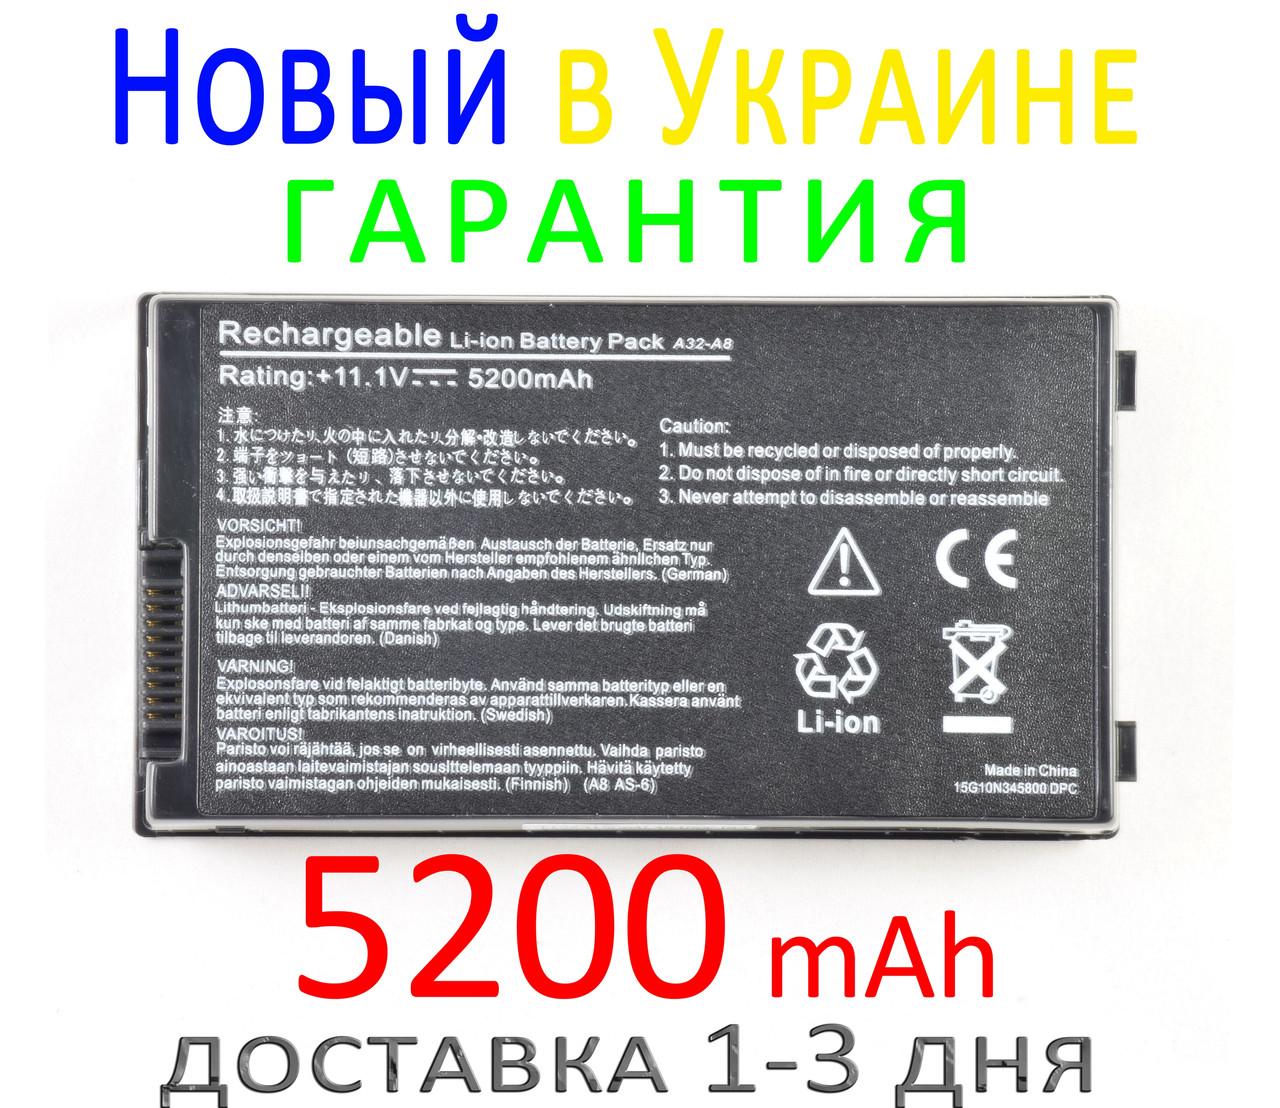 Аккумулятор батарея ASUS A8 F50 F80 F83 F8 N80 N81 X80 A8000 Z99 M L G FJ Ja Jc Jm A Dc E F Fm H He J